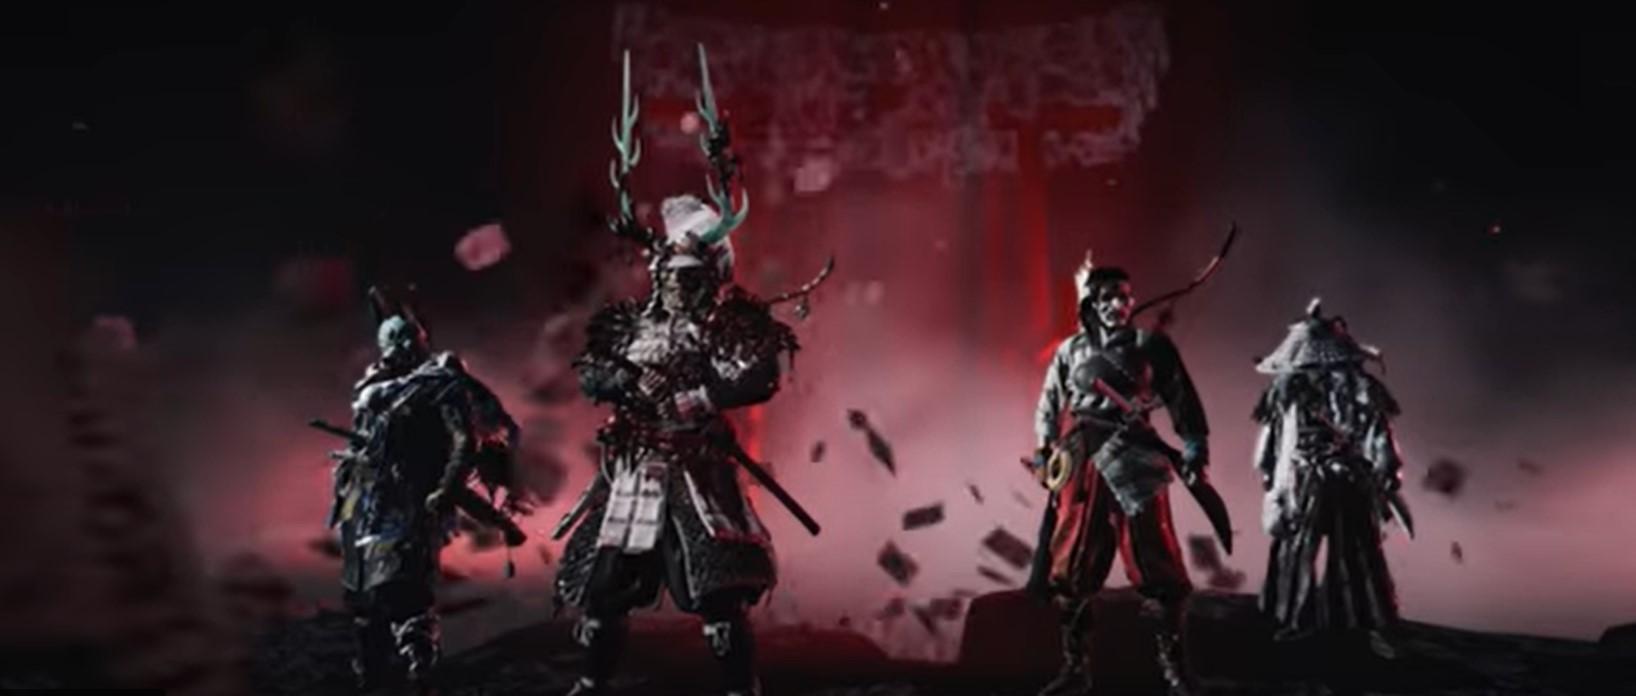 """Ghost of Tsushima recibe el modo multijugador en su nueva actualización """"Legends"""""""